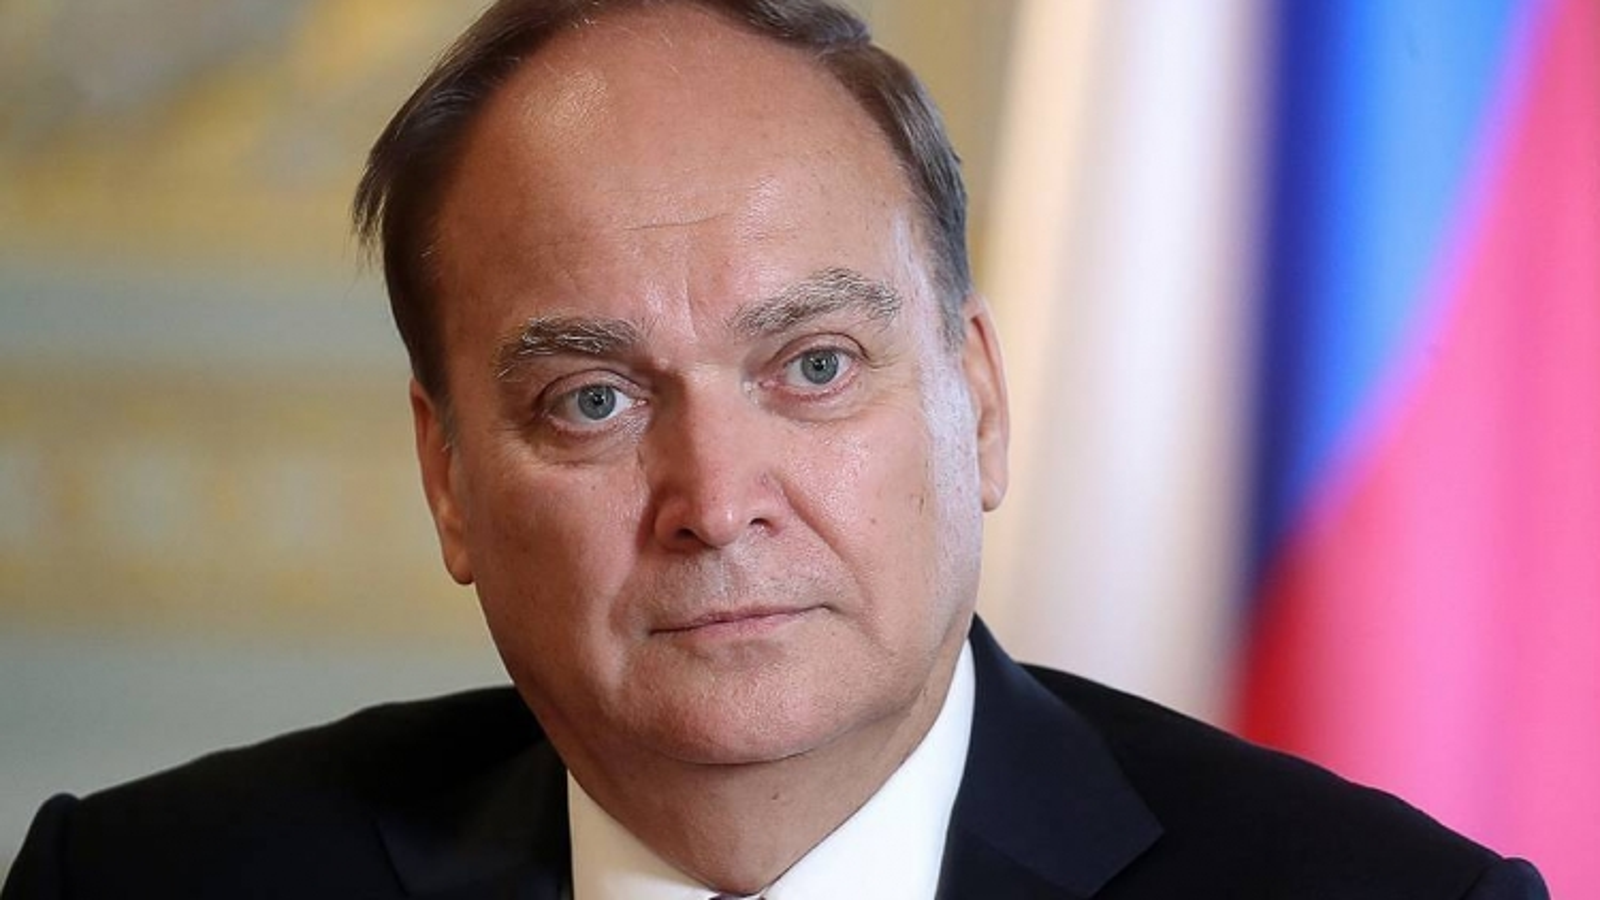 Đại sứ Nga: Lệnh trừng phạt của Mỹ lên Dòng chảy phương Bắc 2 vi phạm luật pháp quốc tế